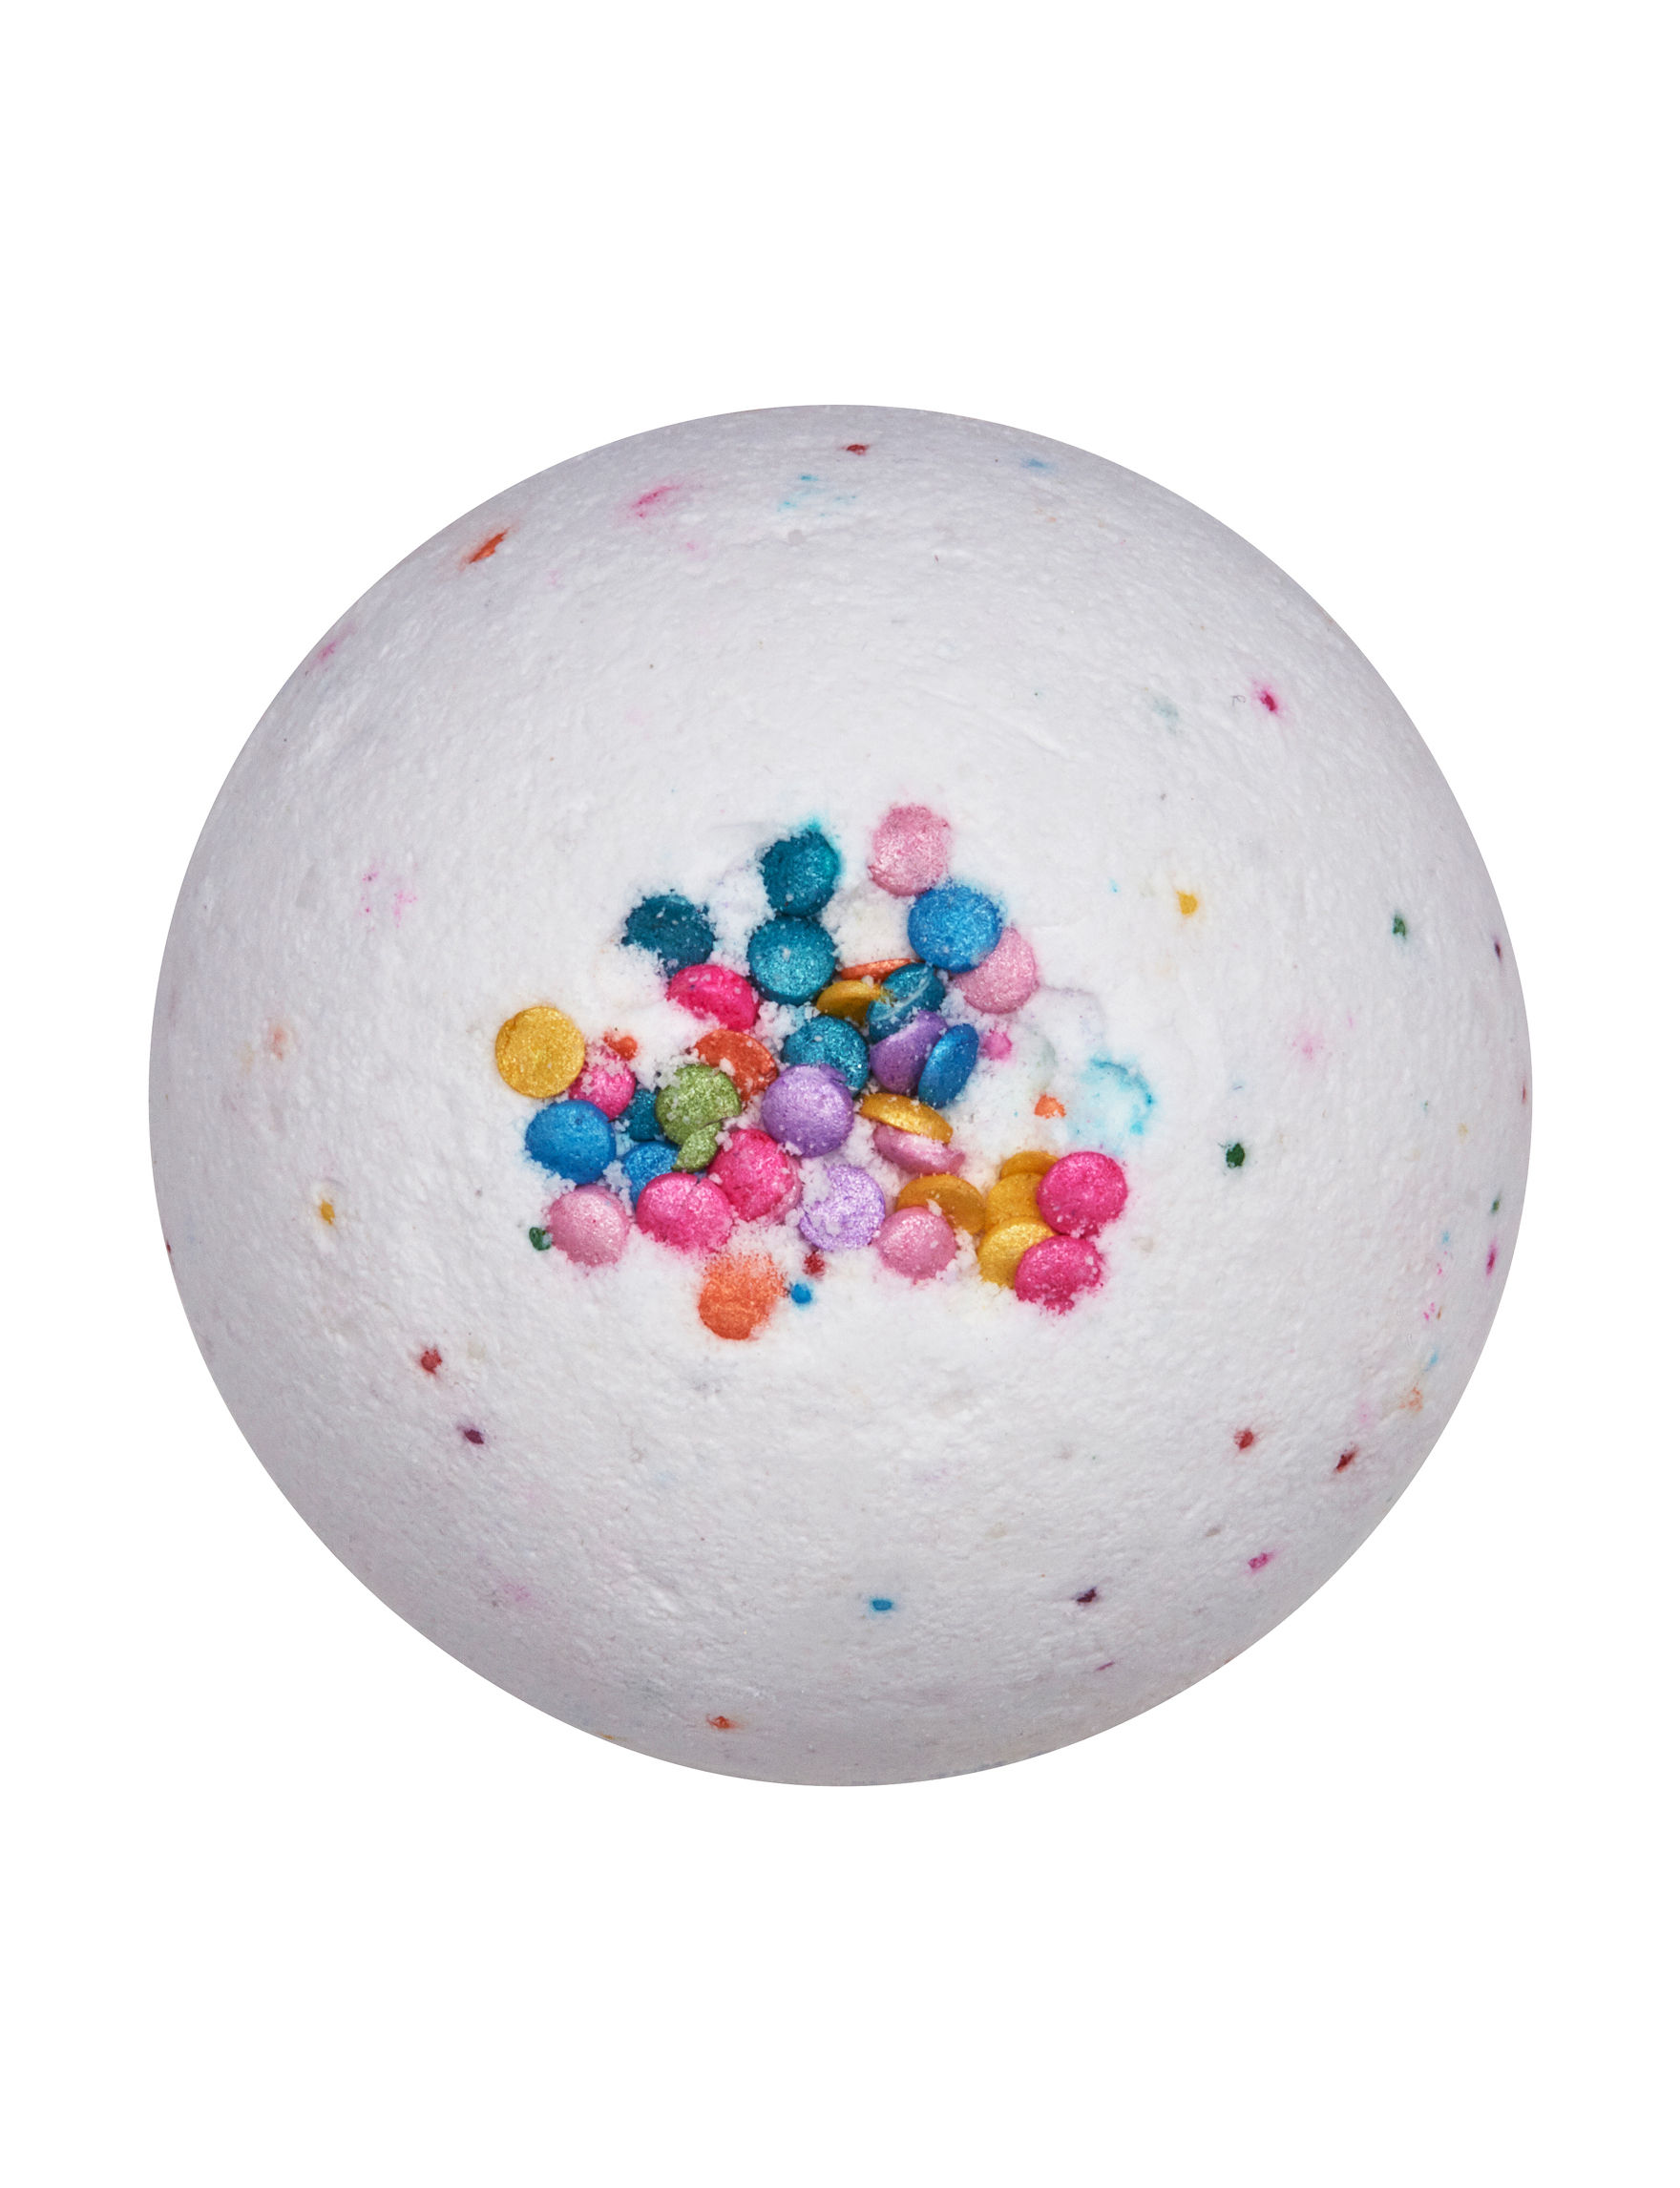 Fizz & Bubble  Bath Bombs, Salts & Oils